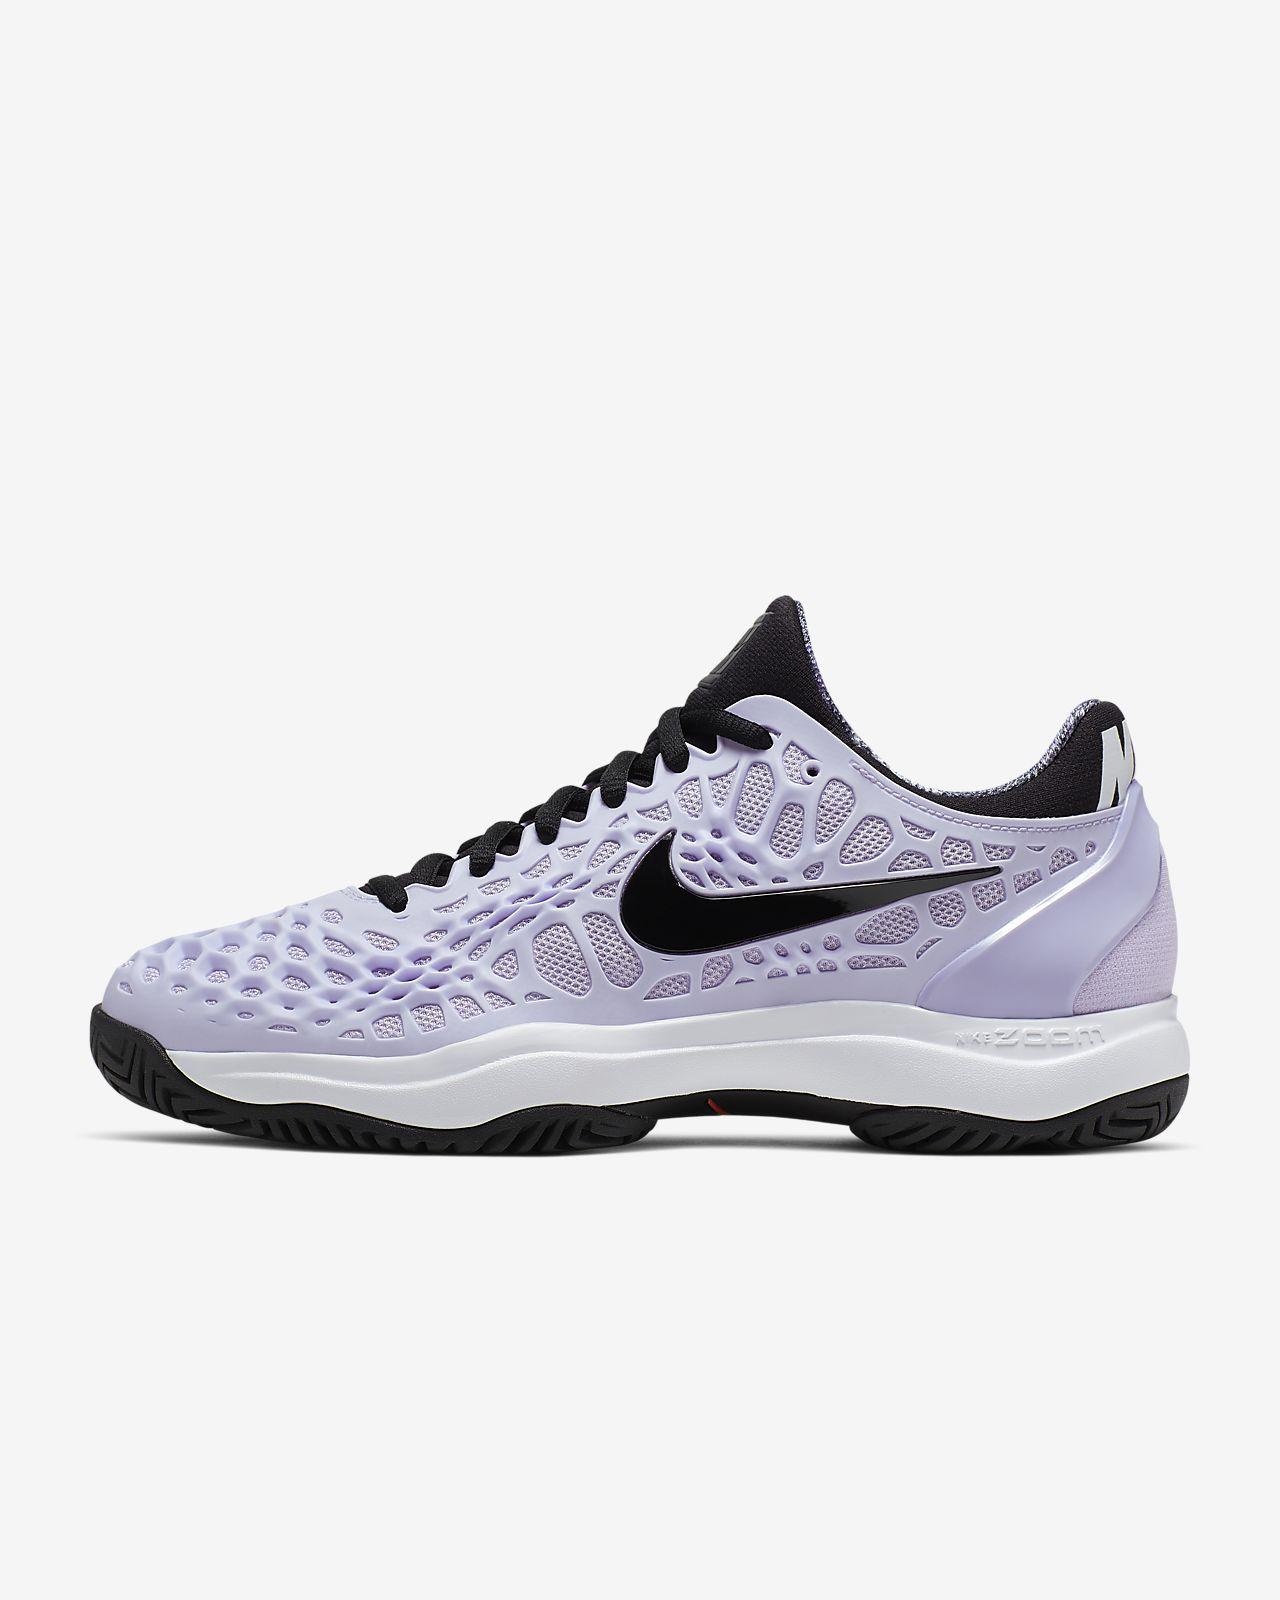 รองเท้าเทนนิสคอร์ทปูนผู้หญิง NikeCourt Zoom Cage 3